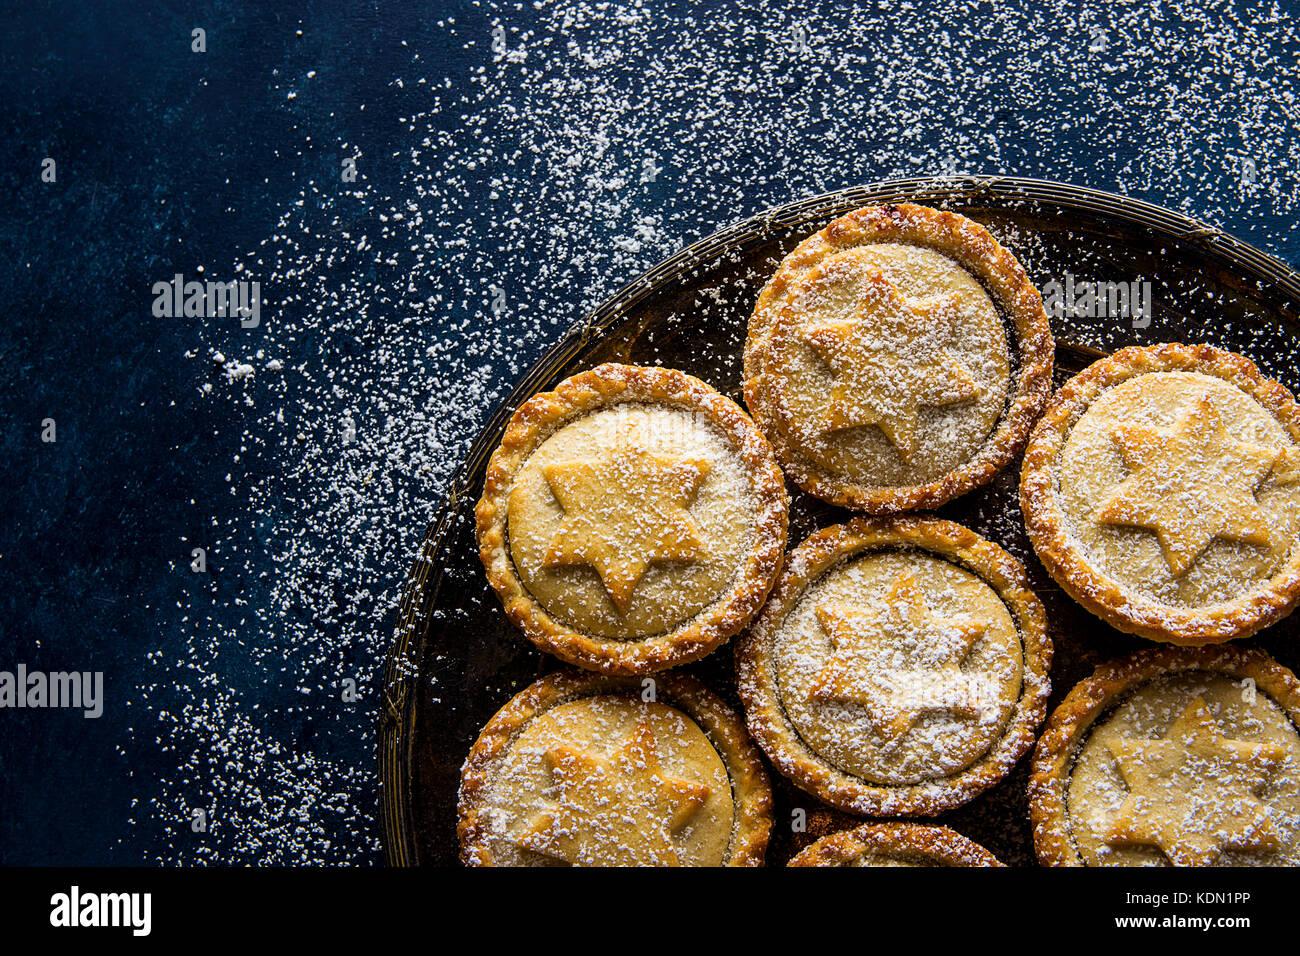 La pâtisserie traditionnelle de noël dessert des petits pâtés avec raisins secs golden apple Photo Stock